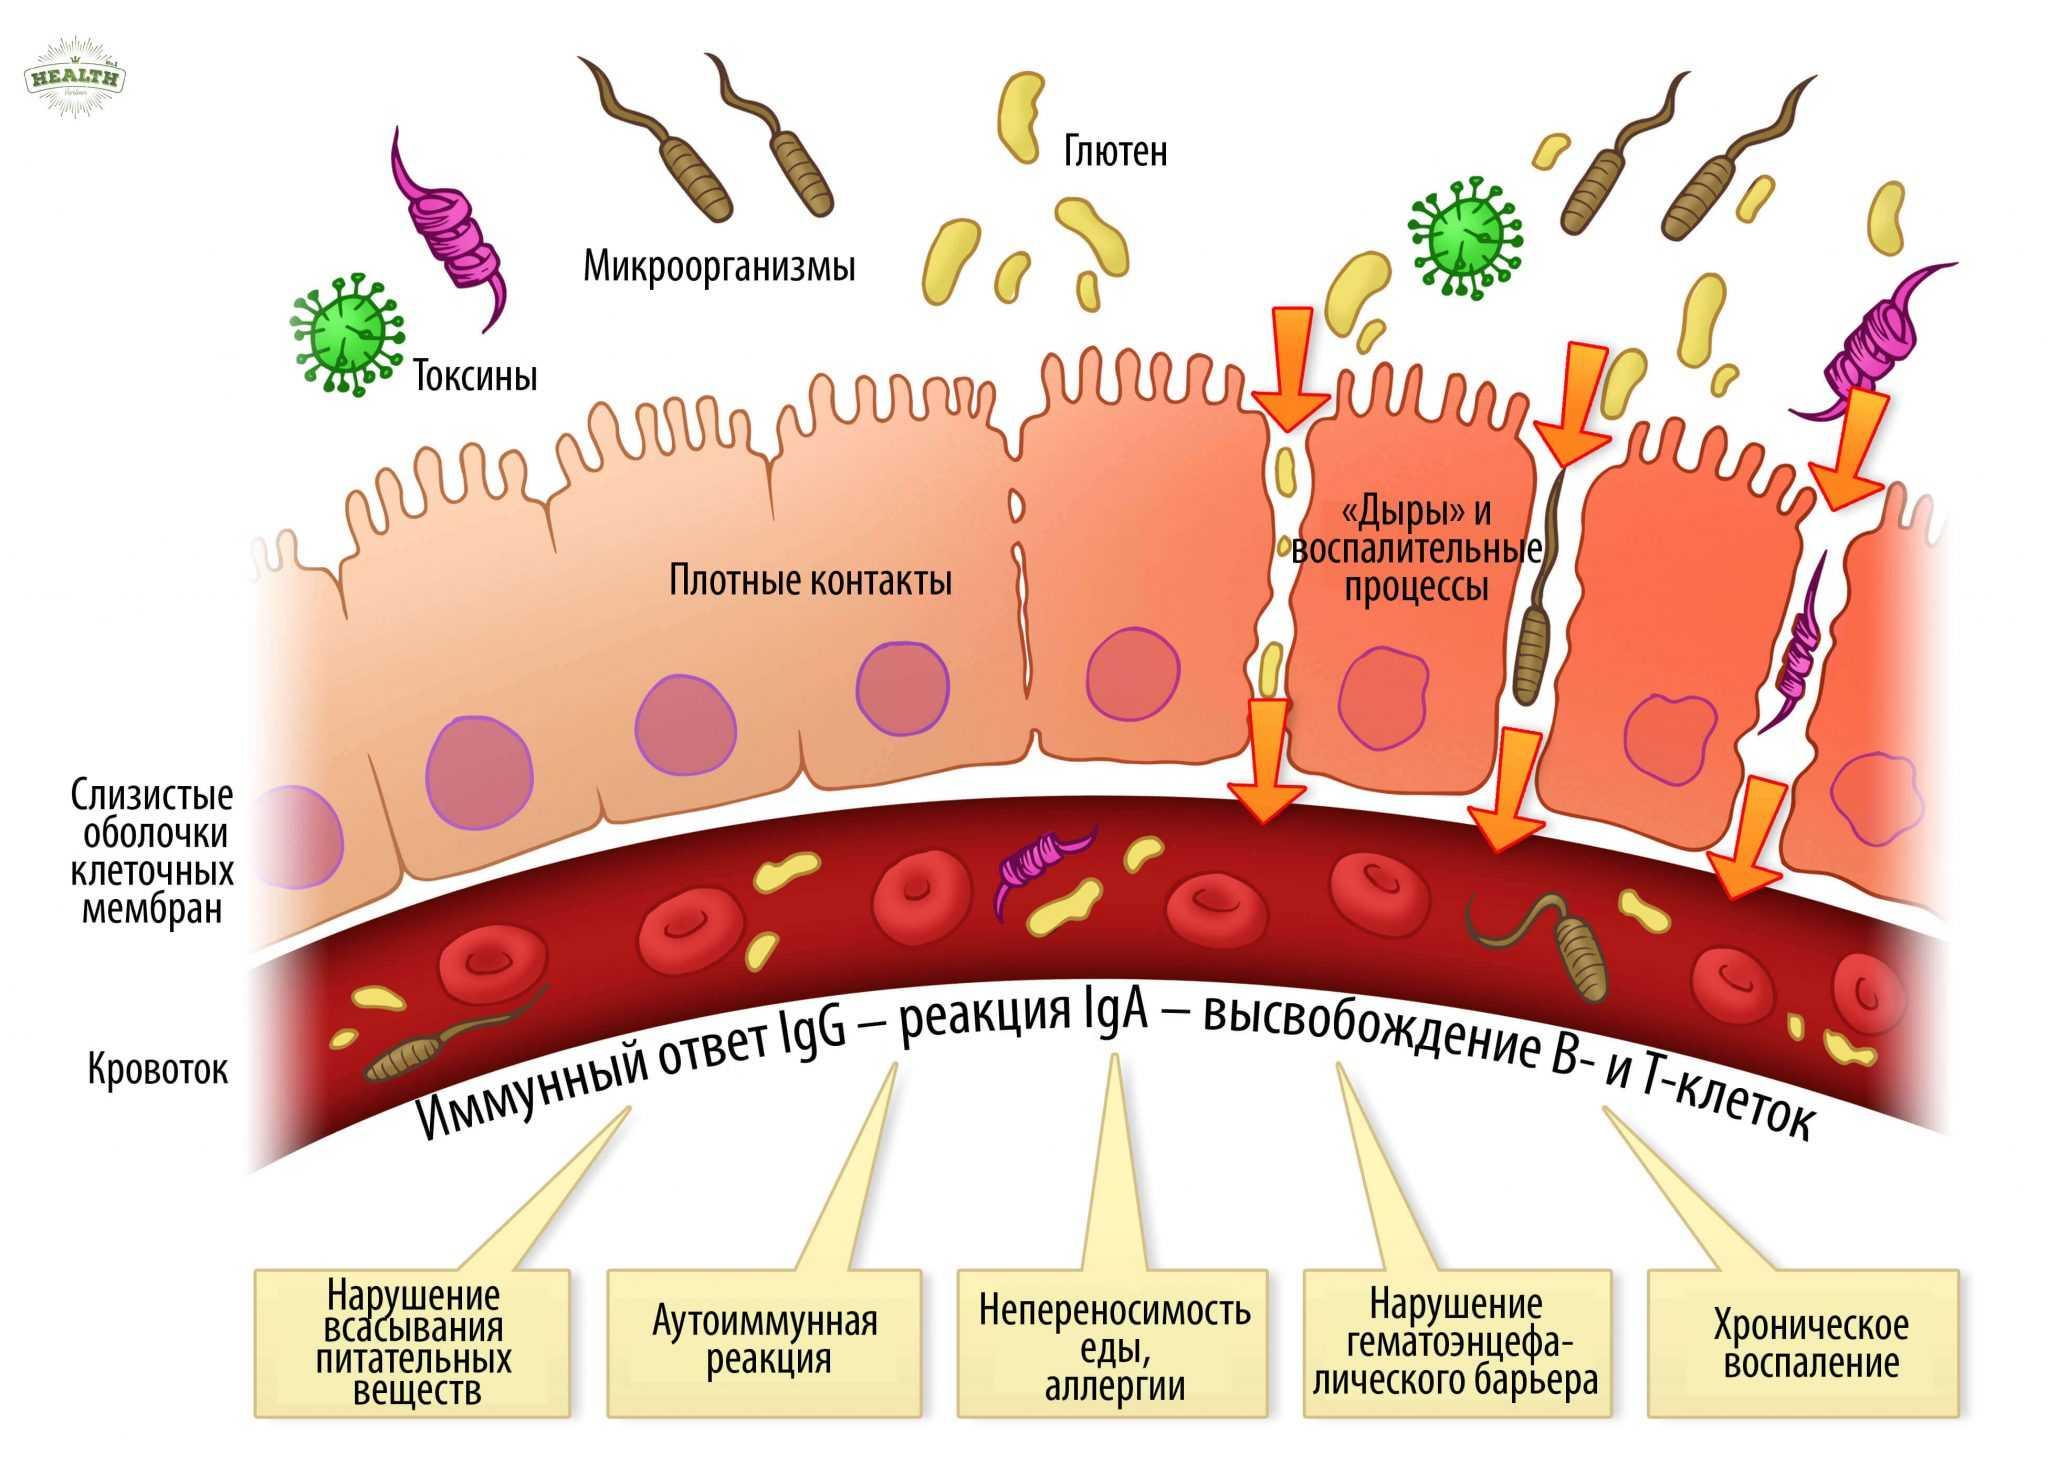 Синдром дырявого кишечника и злаки - есть ли связь?